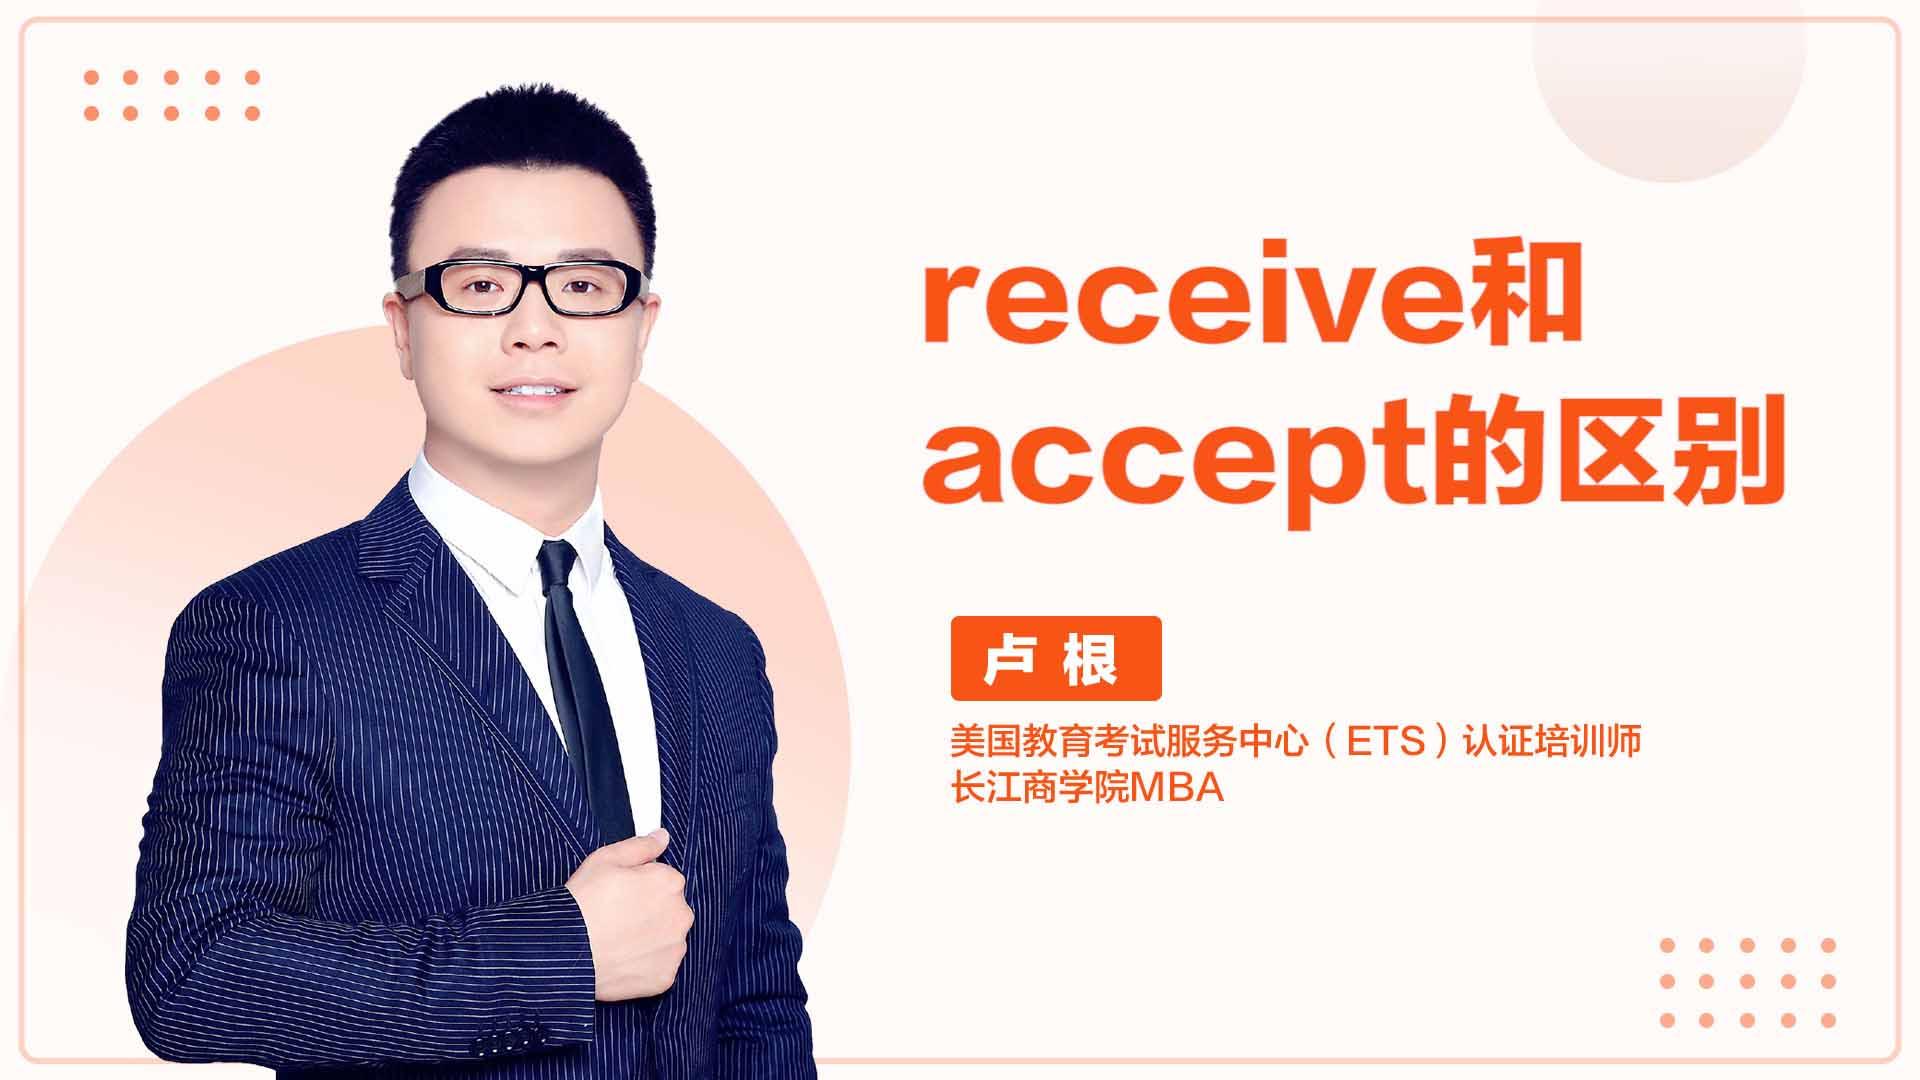 receive和accept的区别